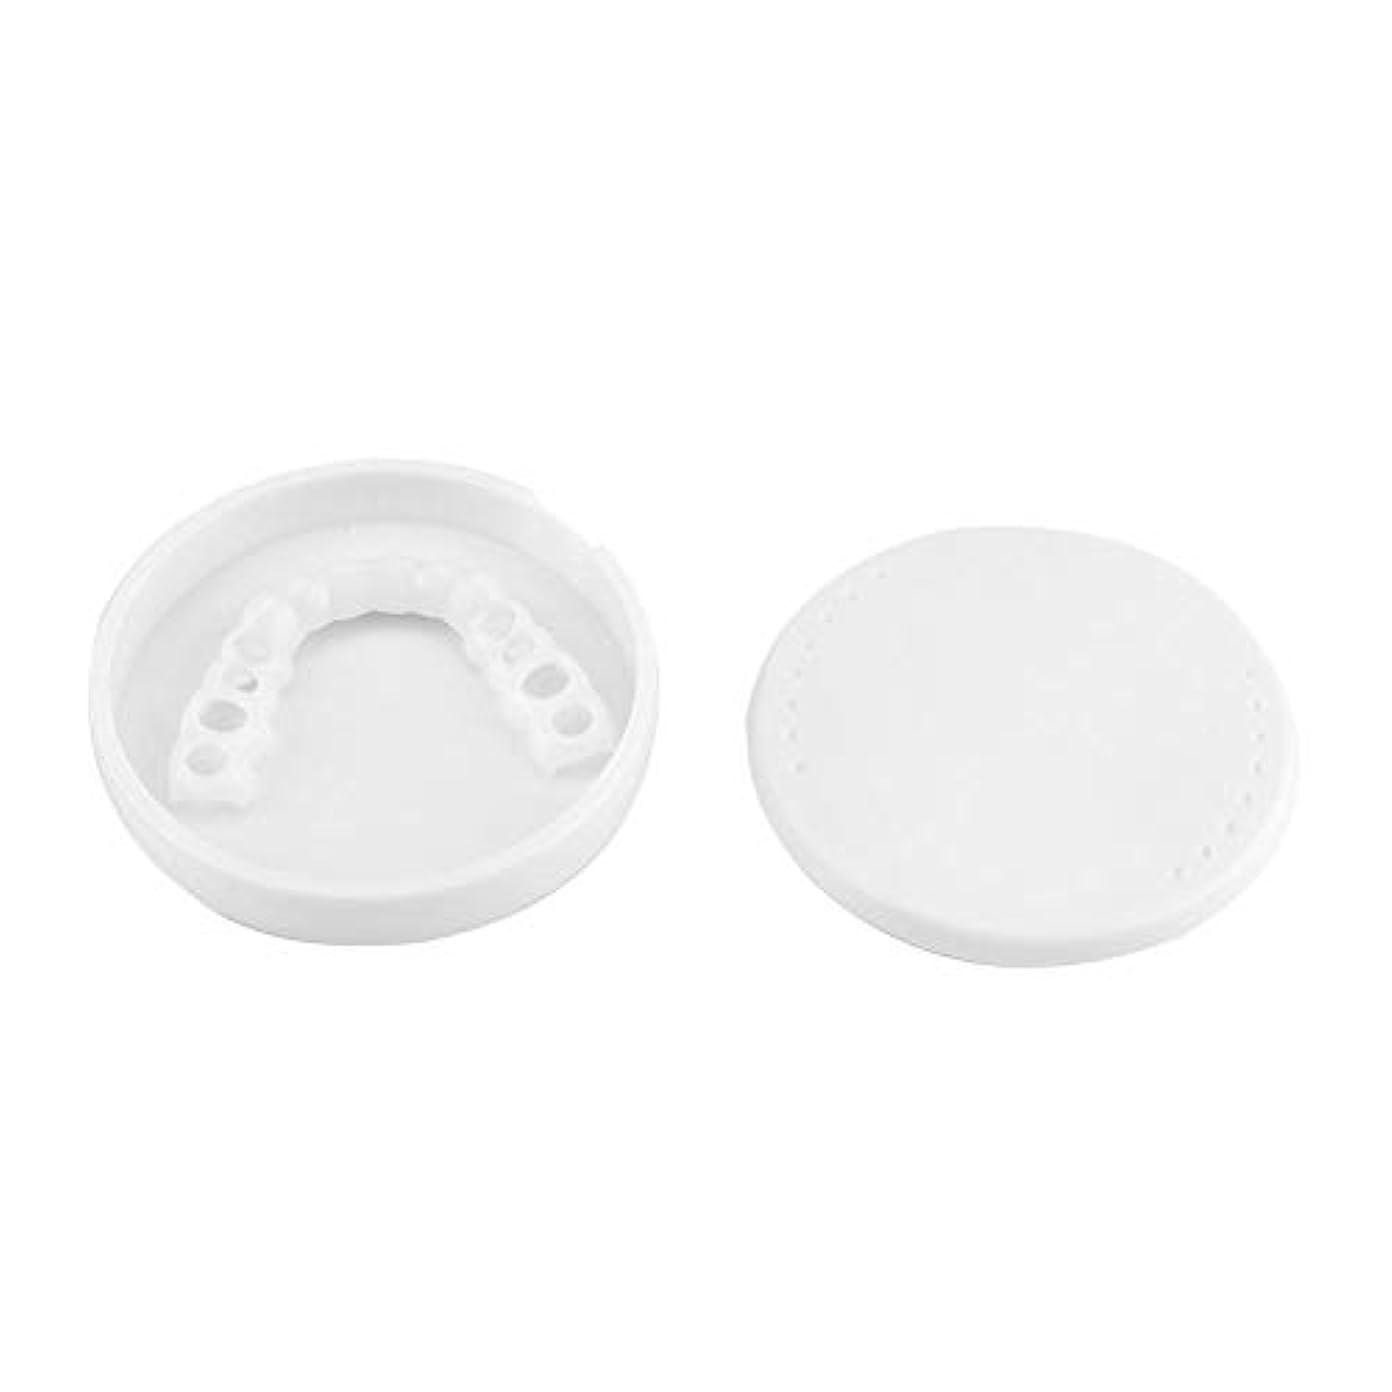 中性あざありがたいSalinr インスタント 完璧なベニヤの歯スナップキャップを白く 一時的な化粧品歯義 歯化粧品シミュレーション 白くする歯カバー フィットフレックス歯ベニア上の歯+下歯のセット